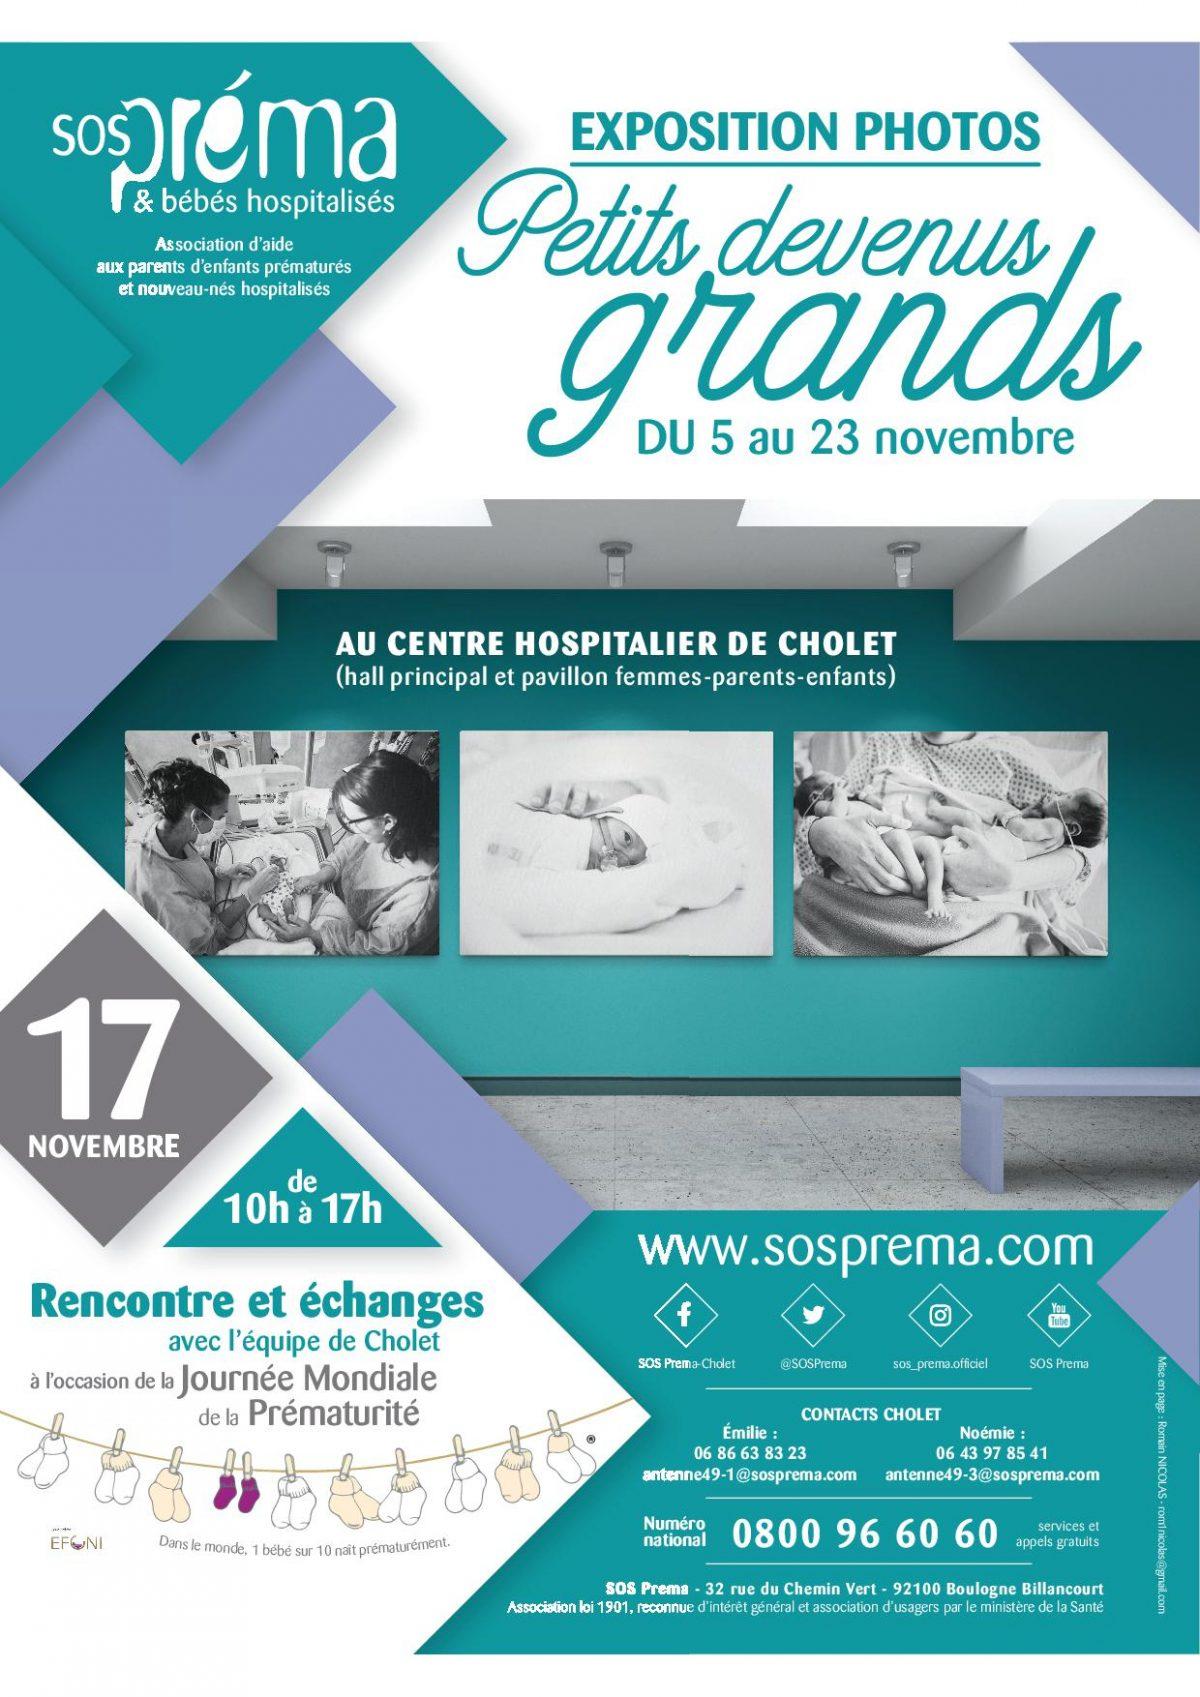 Exposition Photos : Petits devenus grands du 5 au 23 novembre 2018